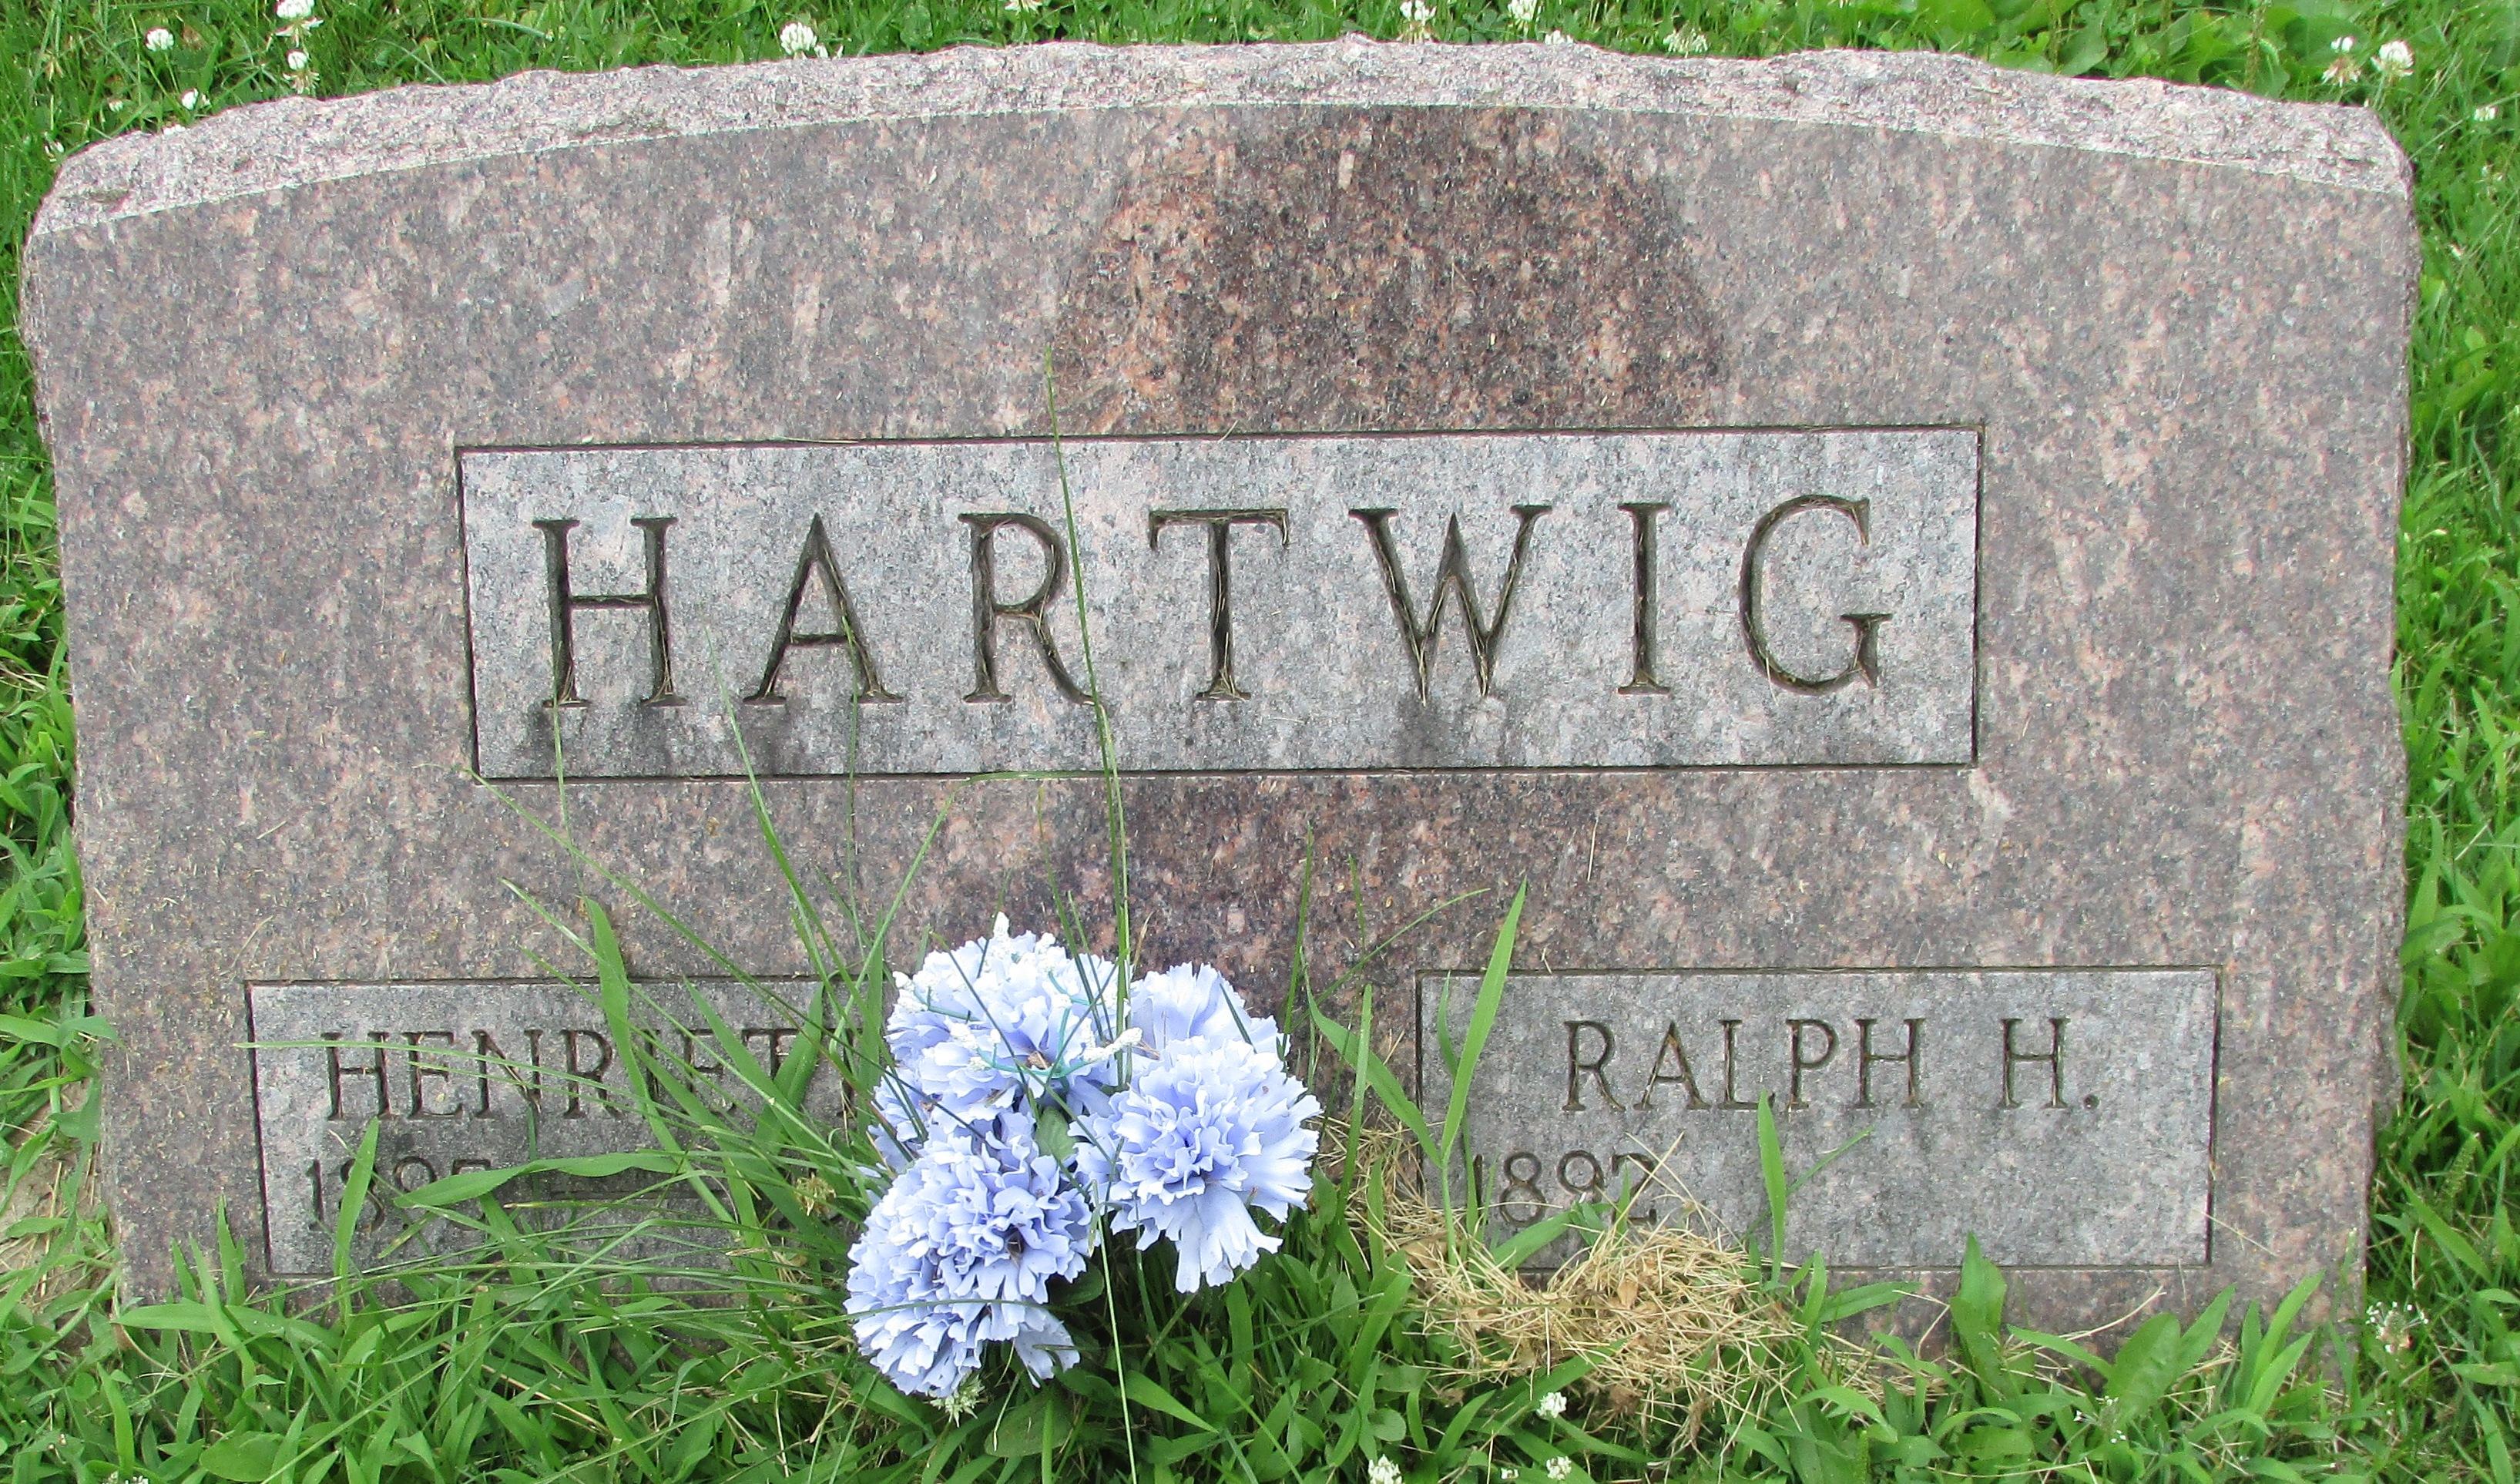 Henrietta Hahn